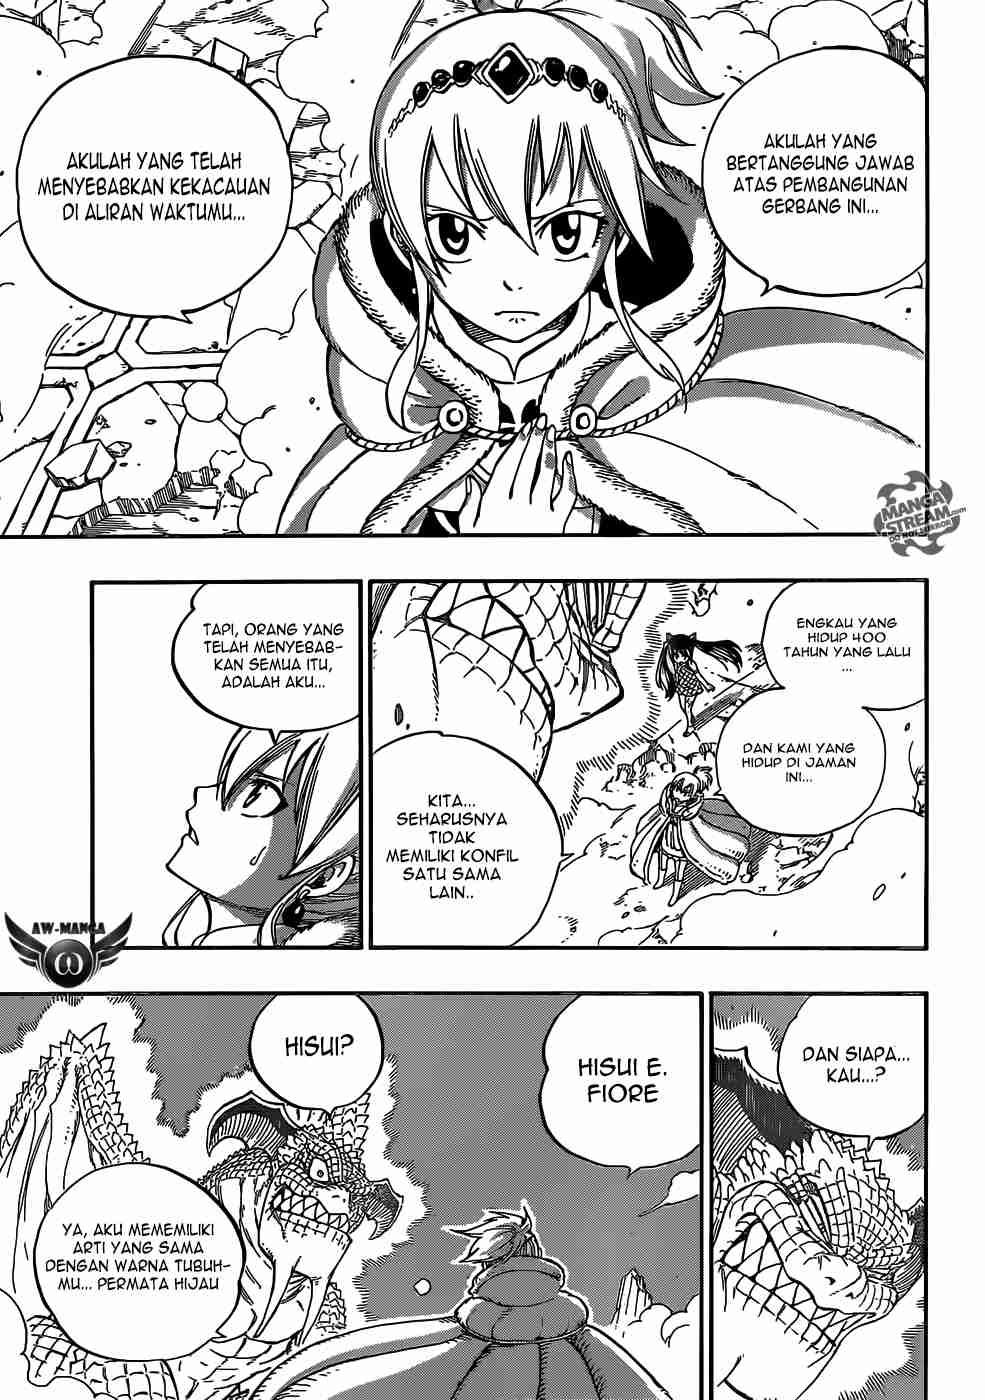 Dilarang COPAS - situs resmi www.mangacanblog.com - Komik fairy tail 337 - rencana emas 338 Indonesia fairy tail 337 - rencana emas Terbaru 8|Baca Manga Komik Indonesia|Mangacan